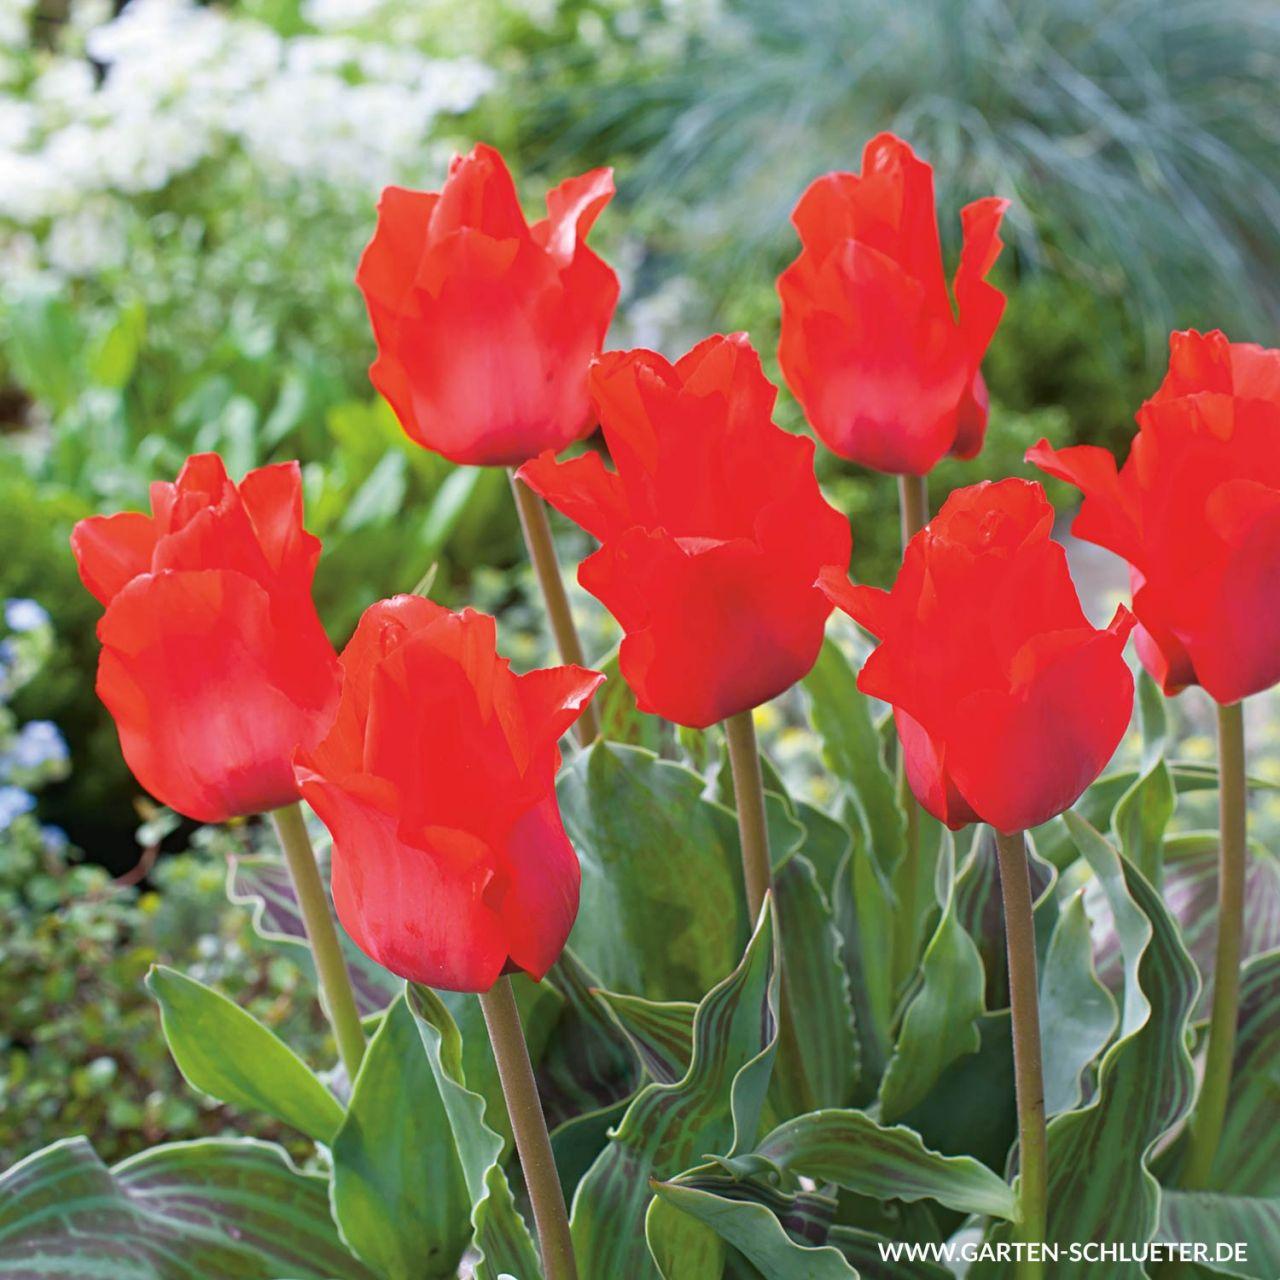 Botanische Tulpe 'Rotkäppchen' - 10 Stück